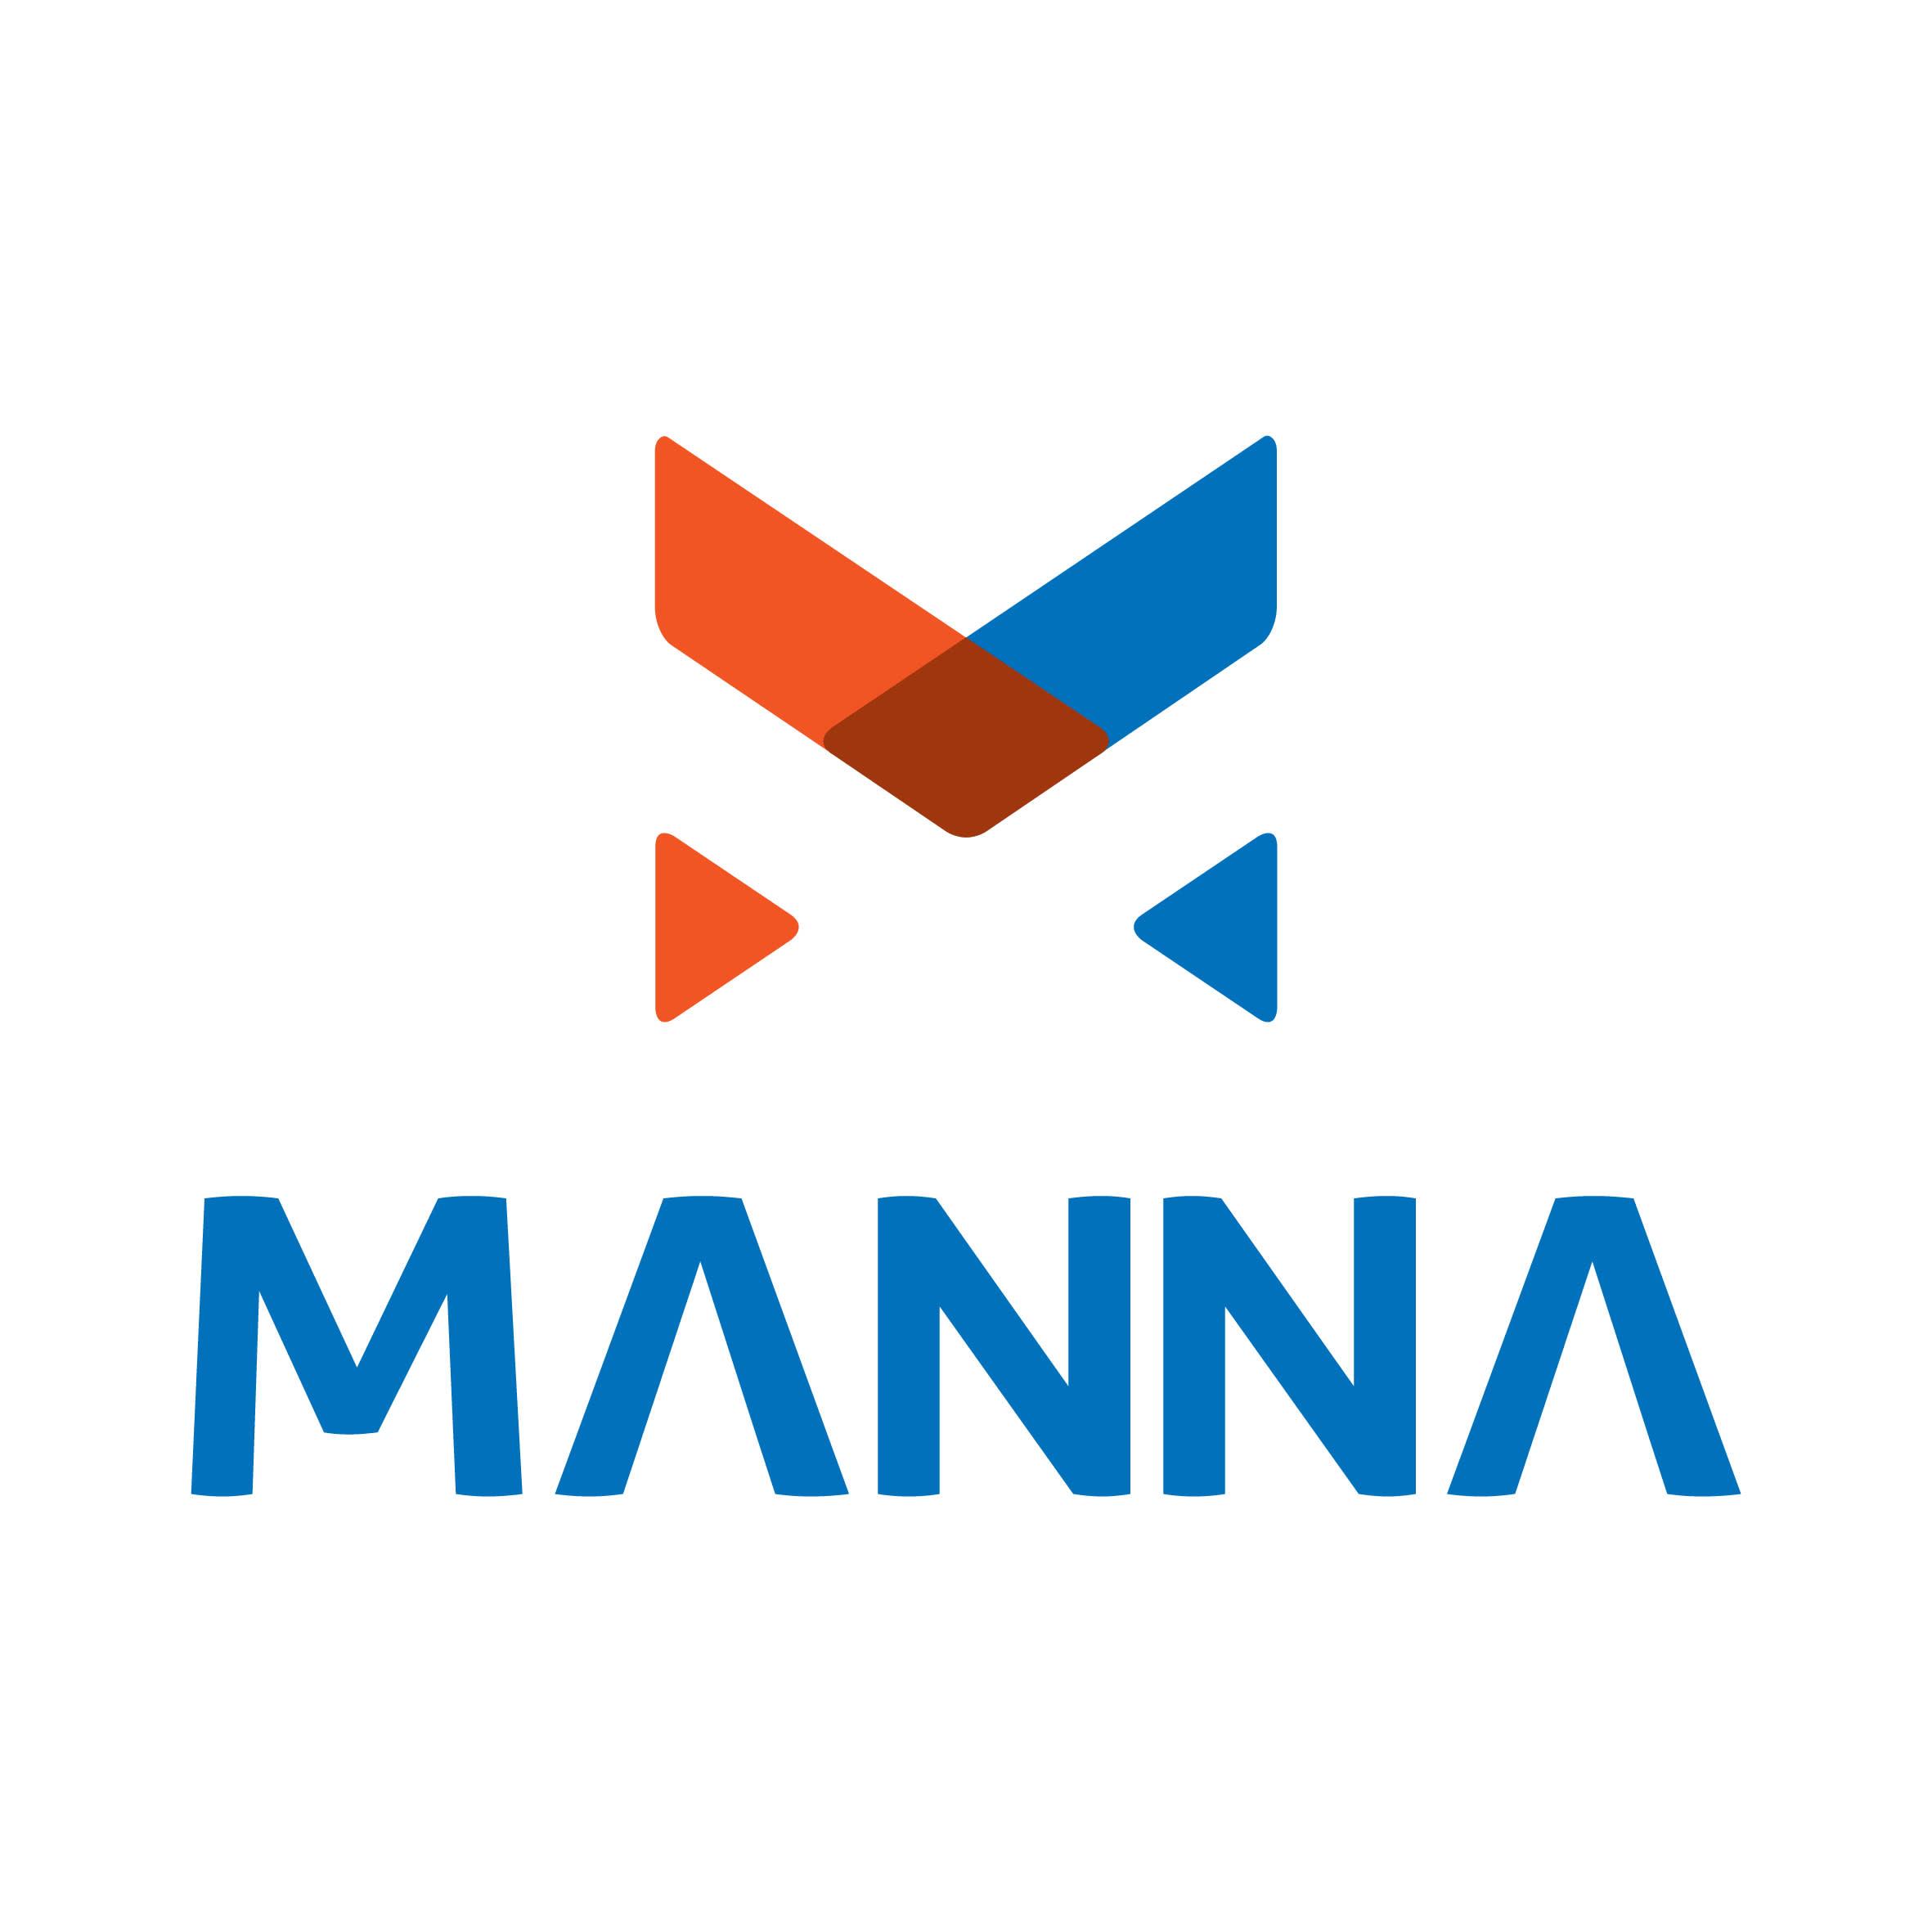 Manna Aero